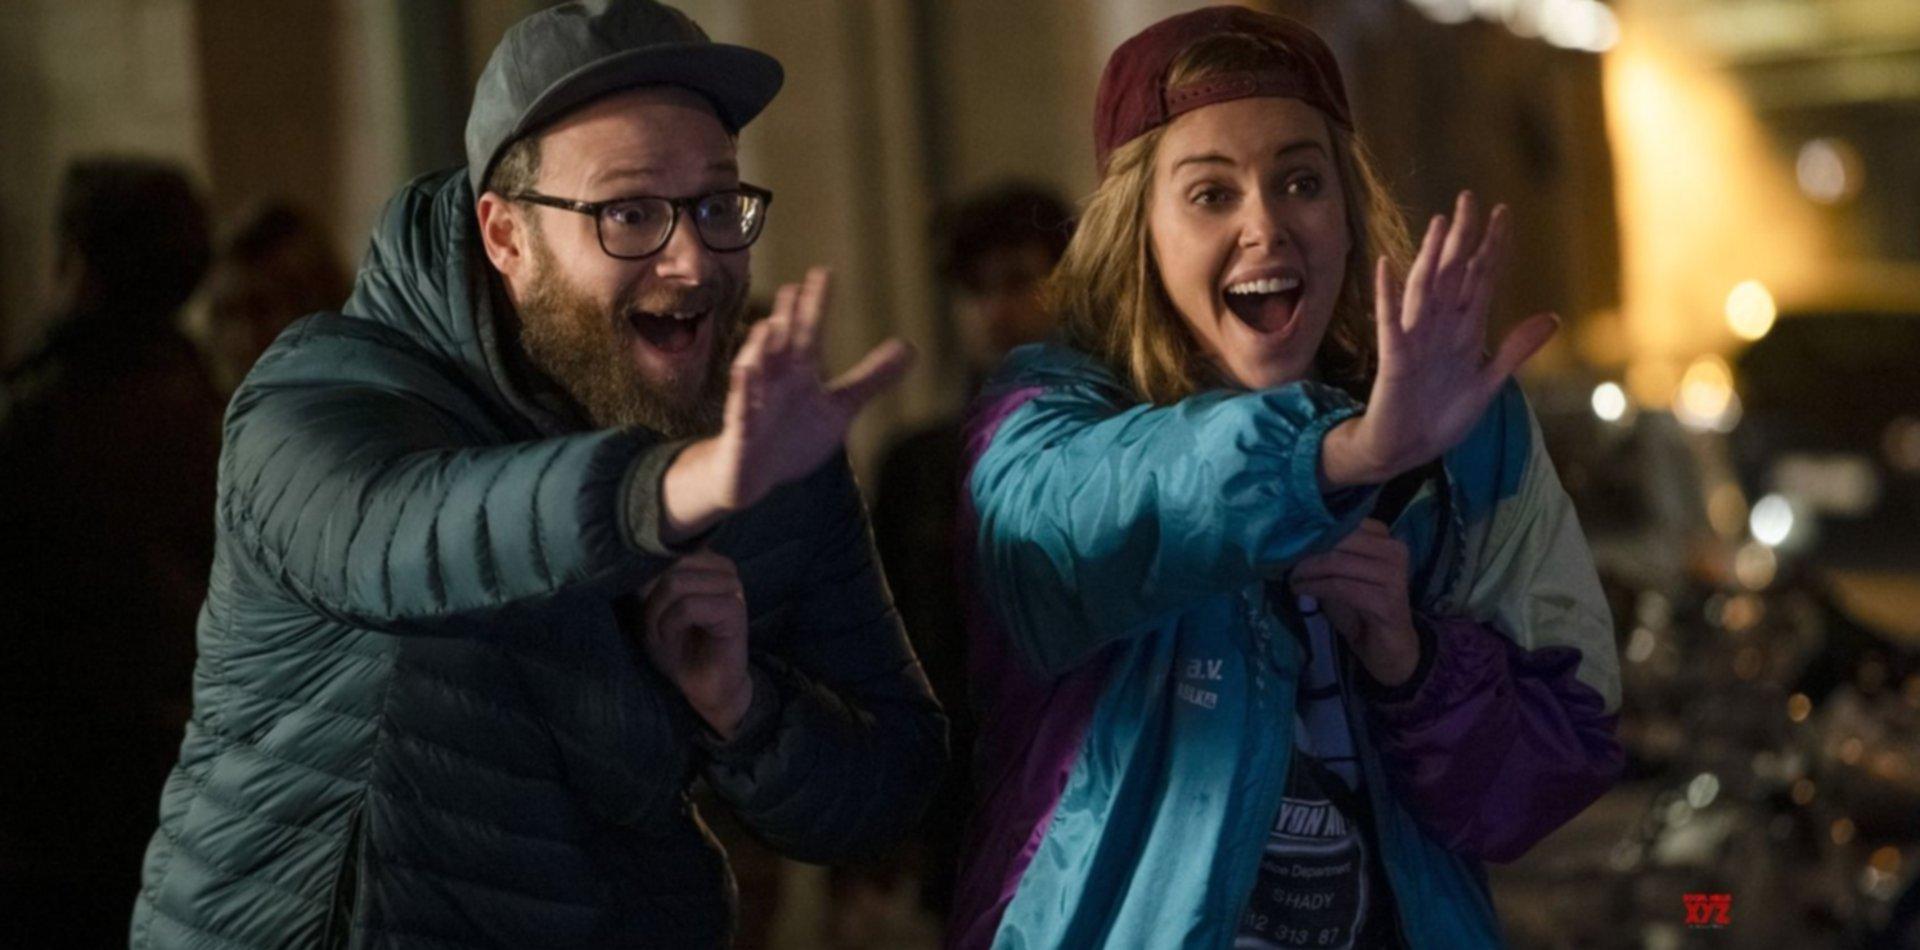 La semana corta arranca con todo el mejor cine al precio más bajo